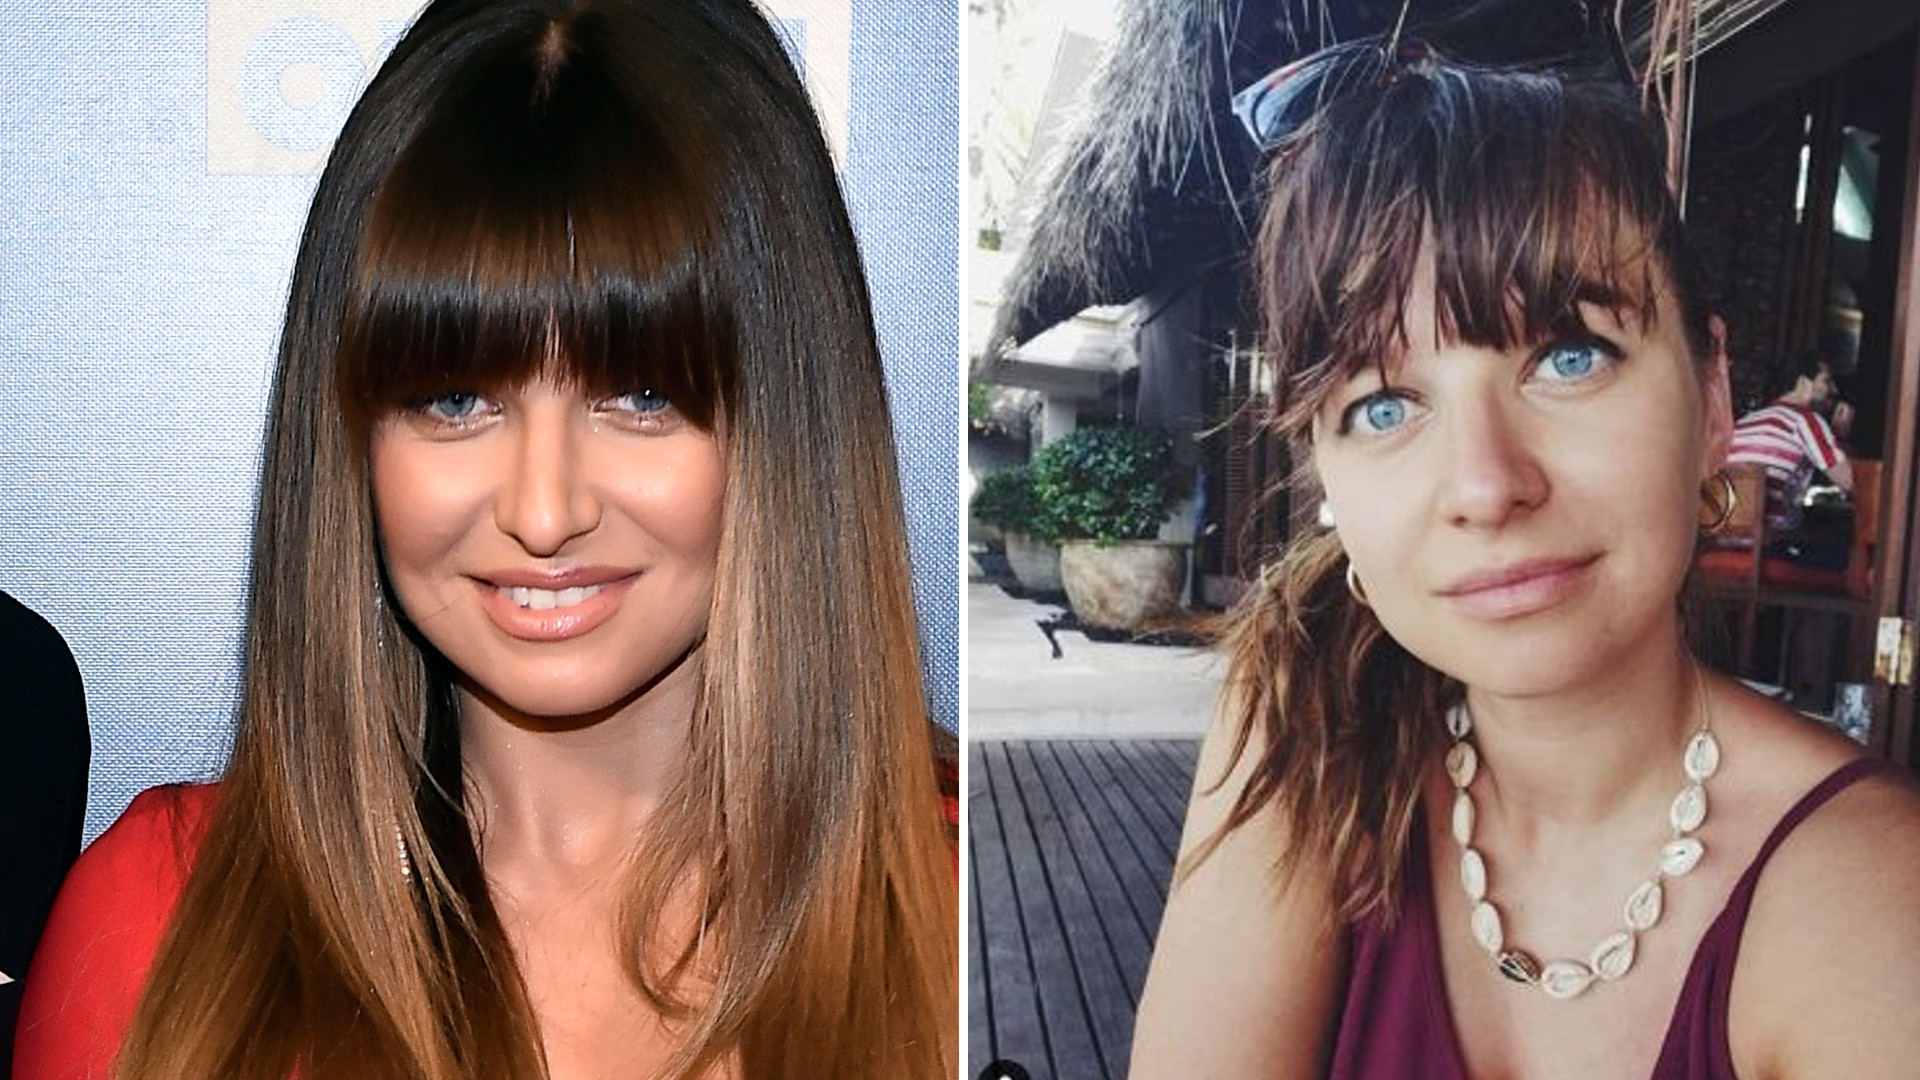 Brzuszek z Klarą był inny niż brzuszek z drugim dzieckiem – Anna Lewandowska porównała zdjęcia